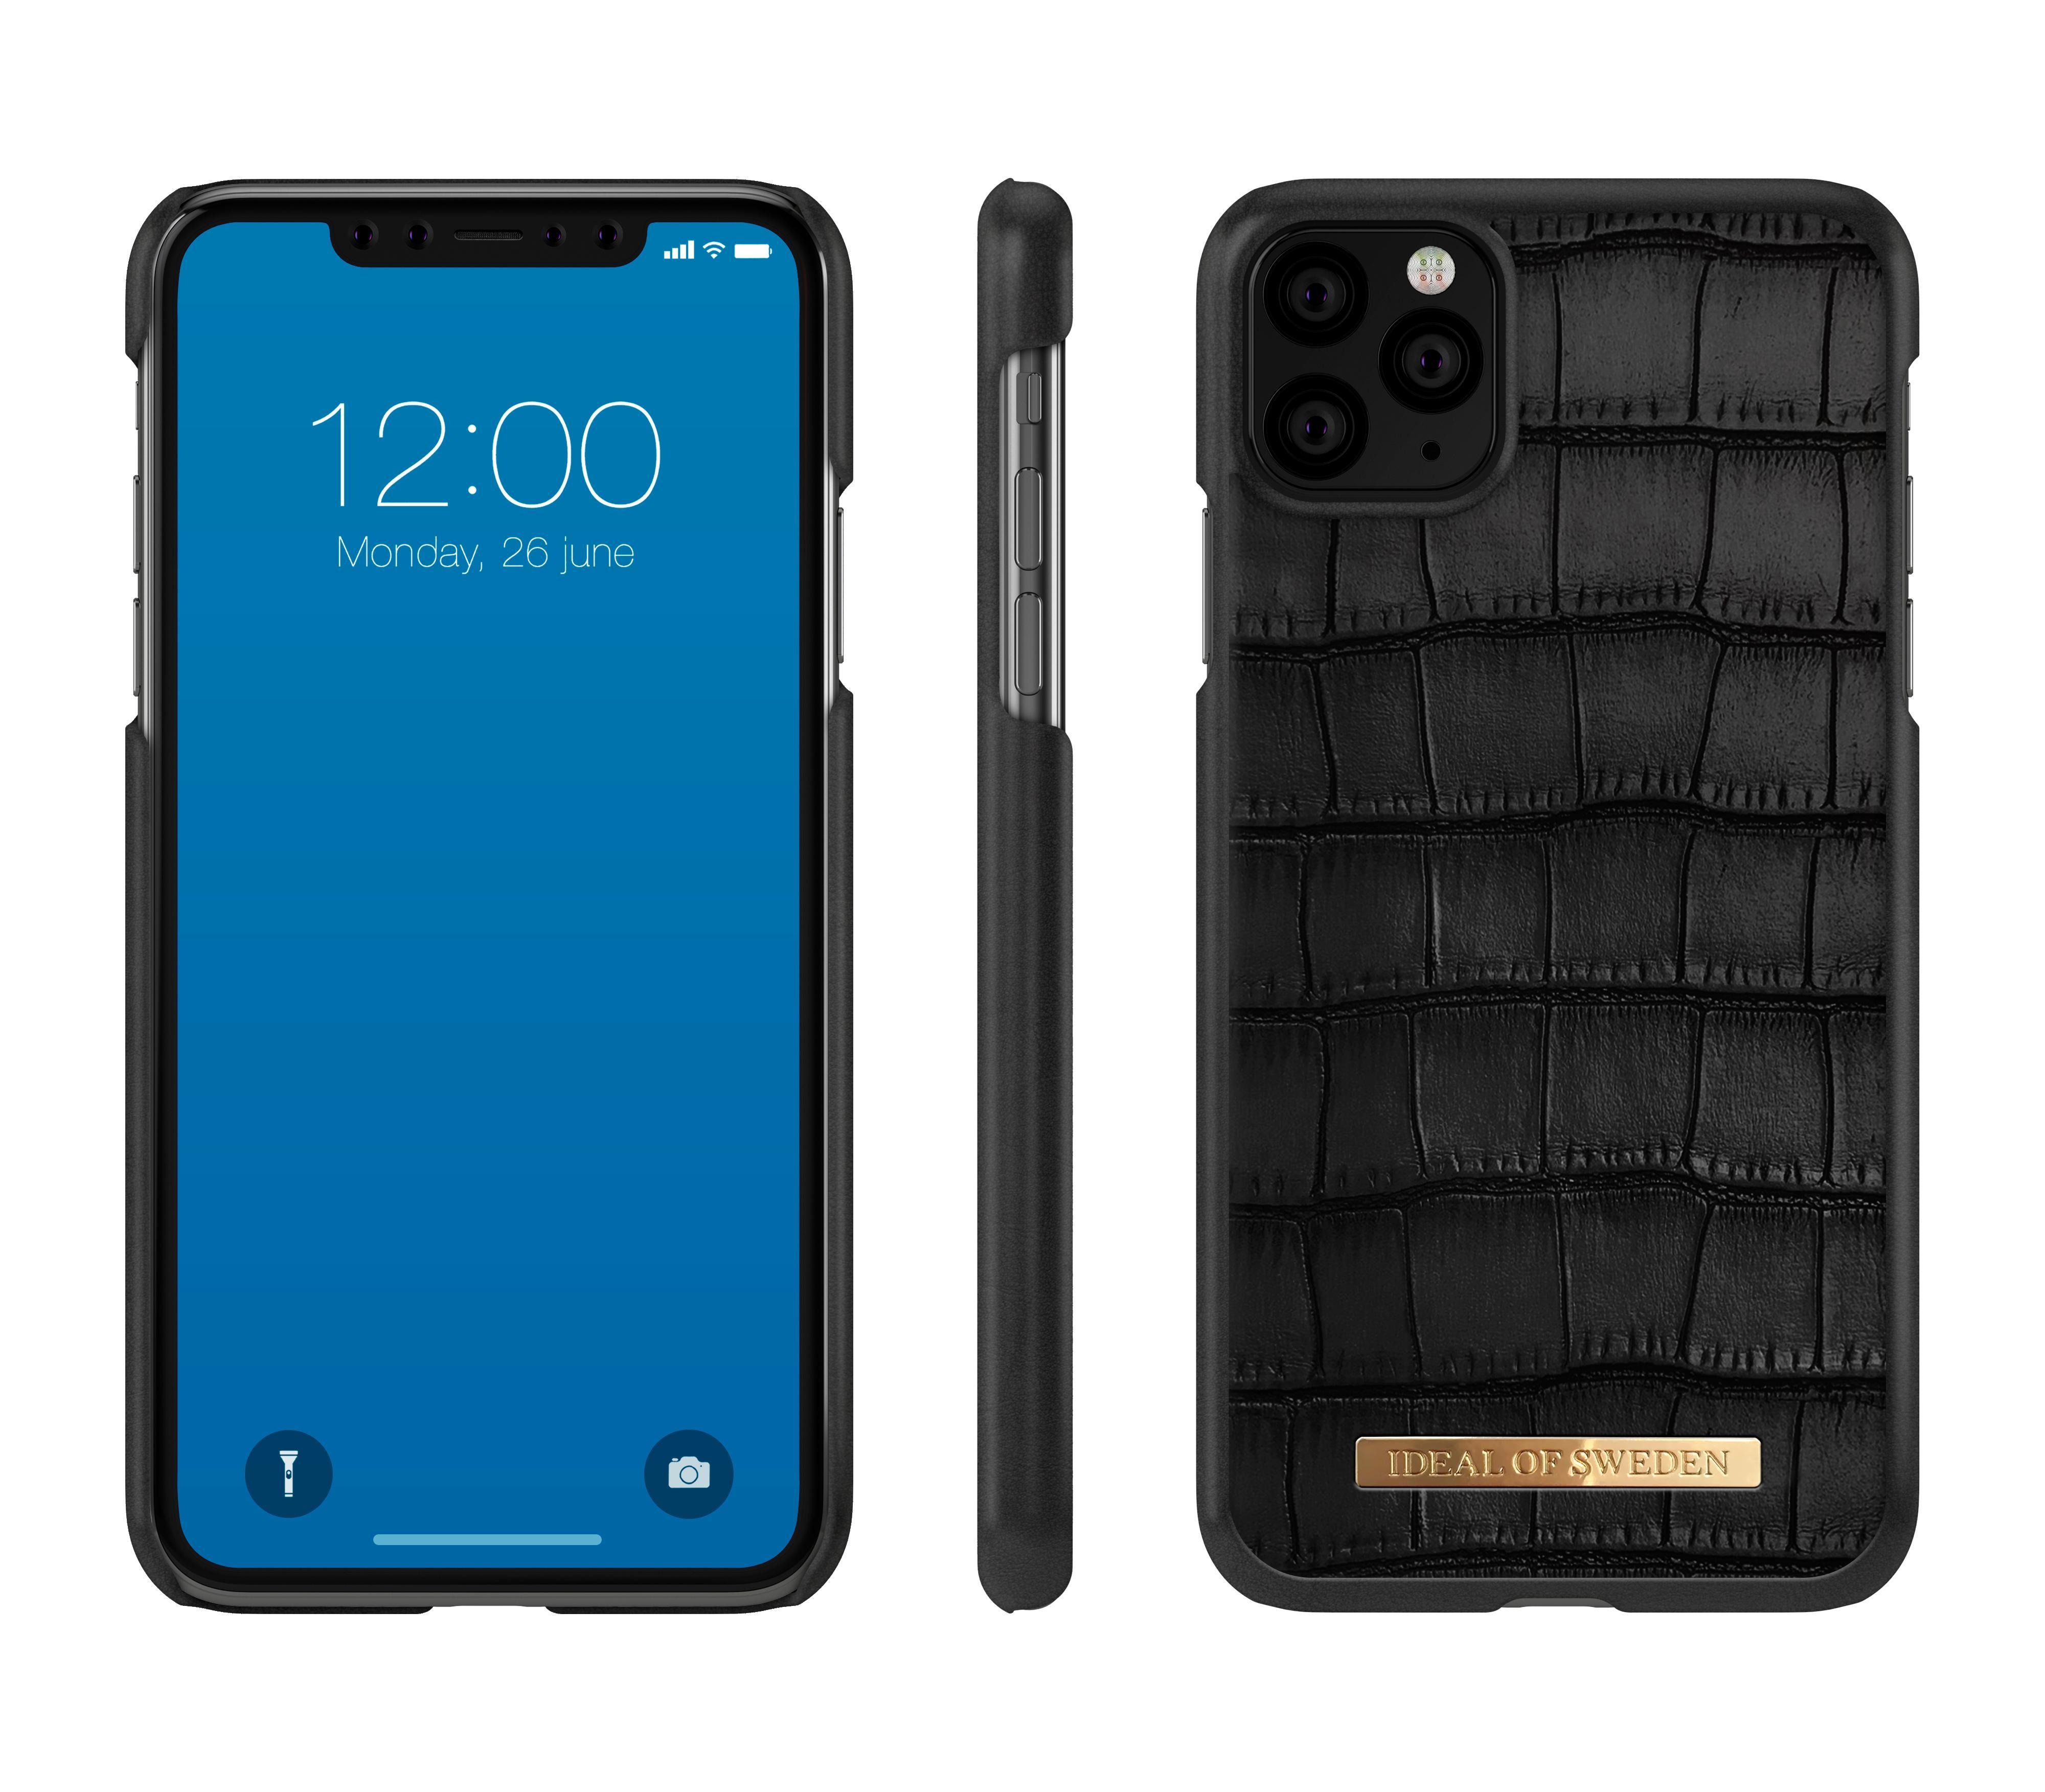 Capri Case iPhone 11 Pro Max Black